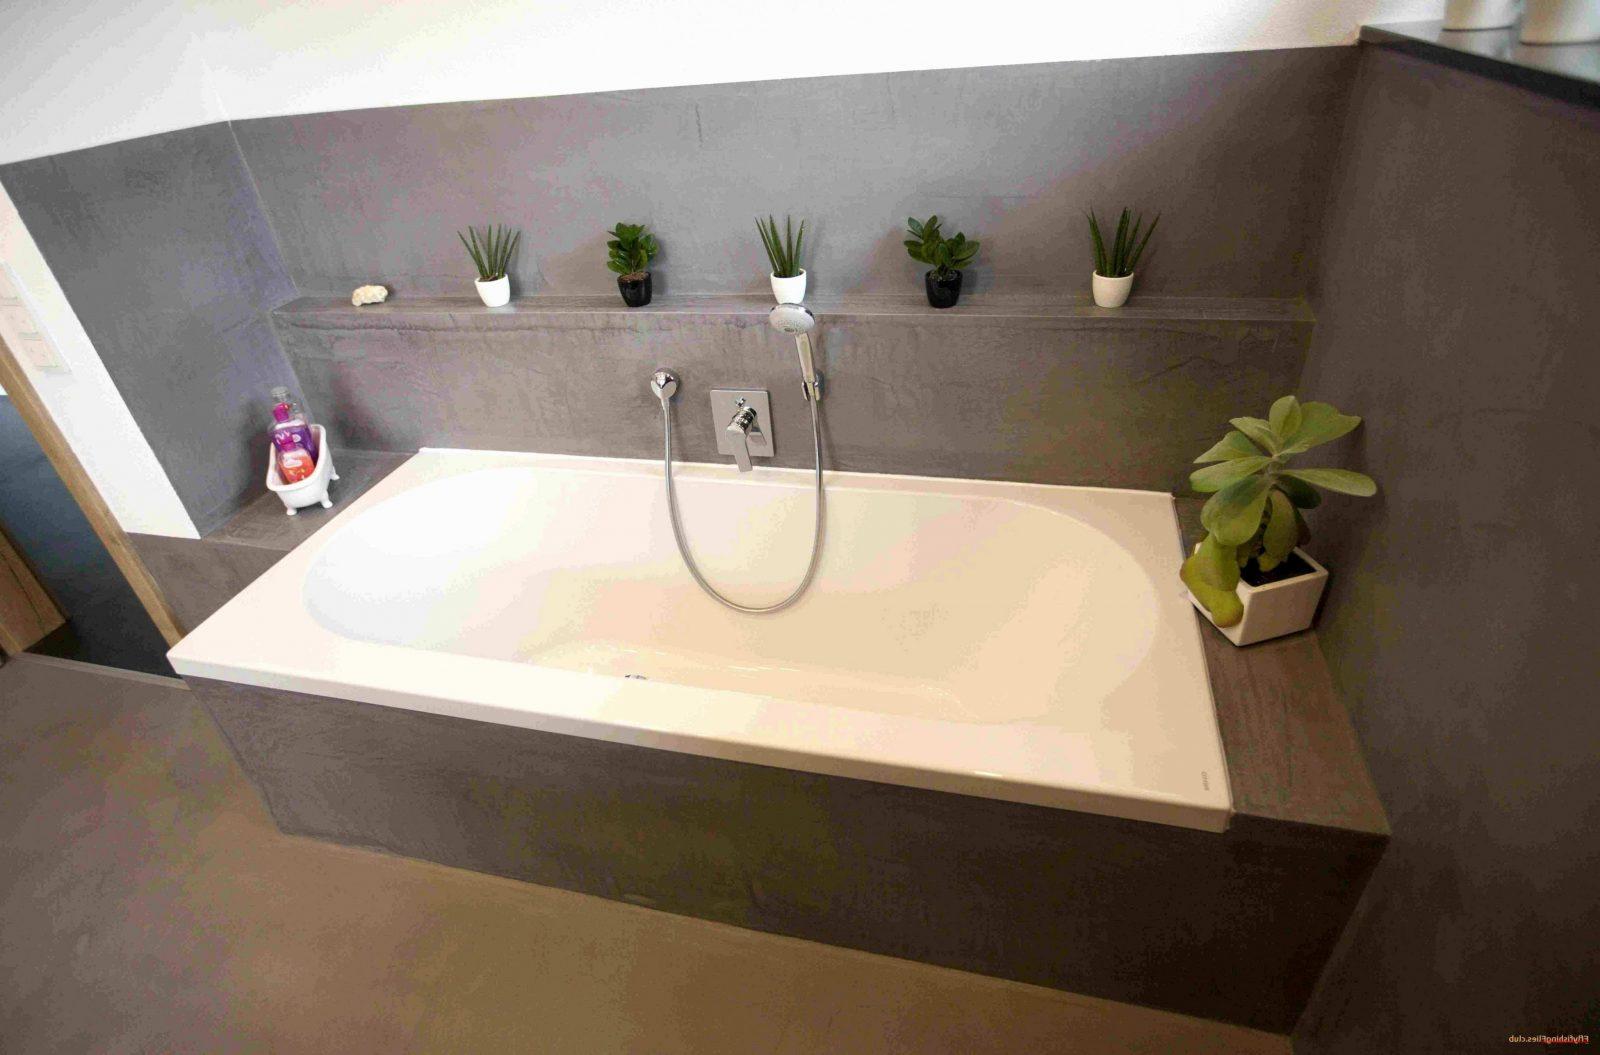 Kleines Badezimmer Ohne Fenster Gestalten  Wohndesign von Kleines Bad Ohne Fenster Gestalten Photo